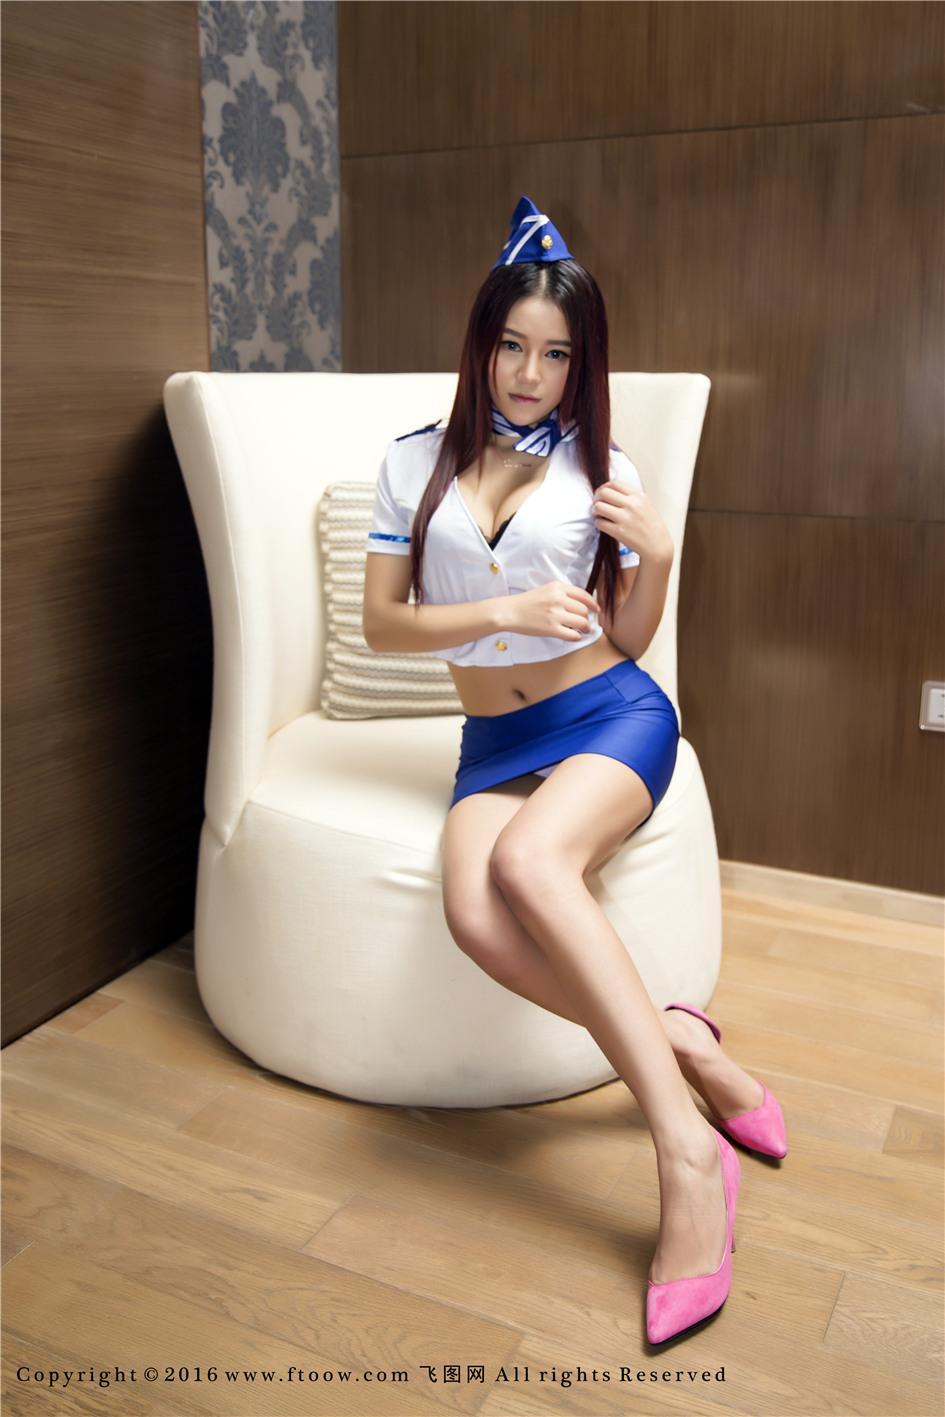 【飞图网】【Tang倩】长腿嫩模Tang倩浴缸撩人姿势图片No.006【35P】 制服